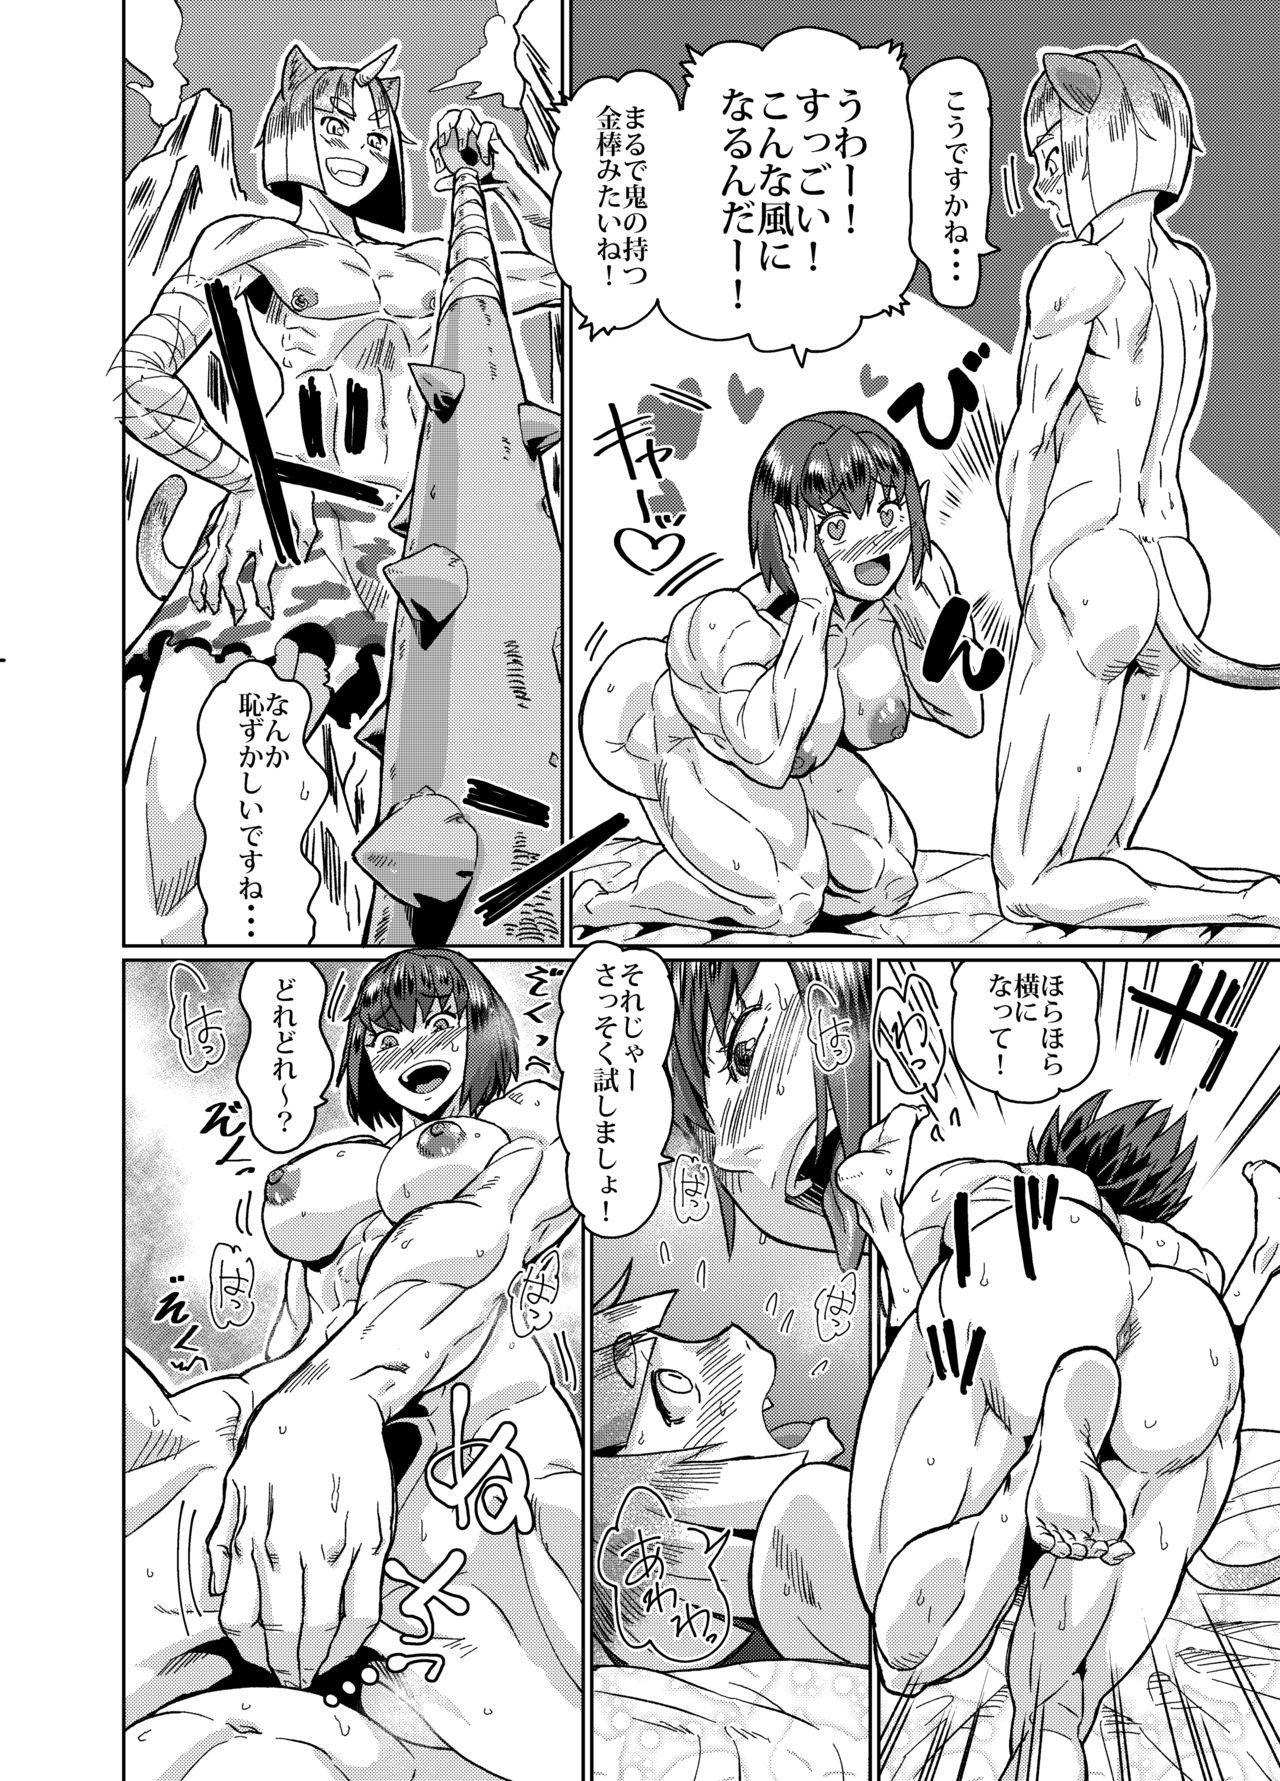 Mahou Kinniku Shoujo Six Pack 61